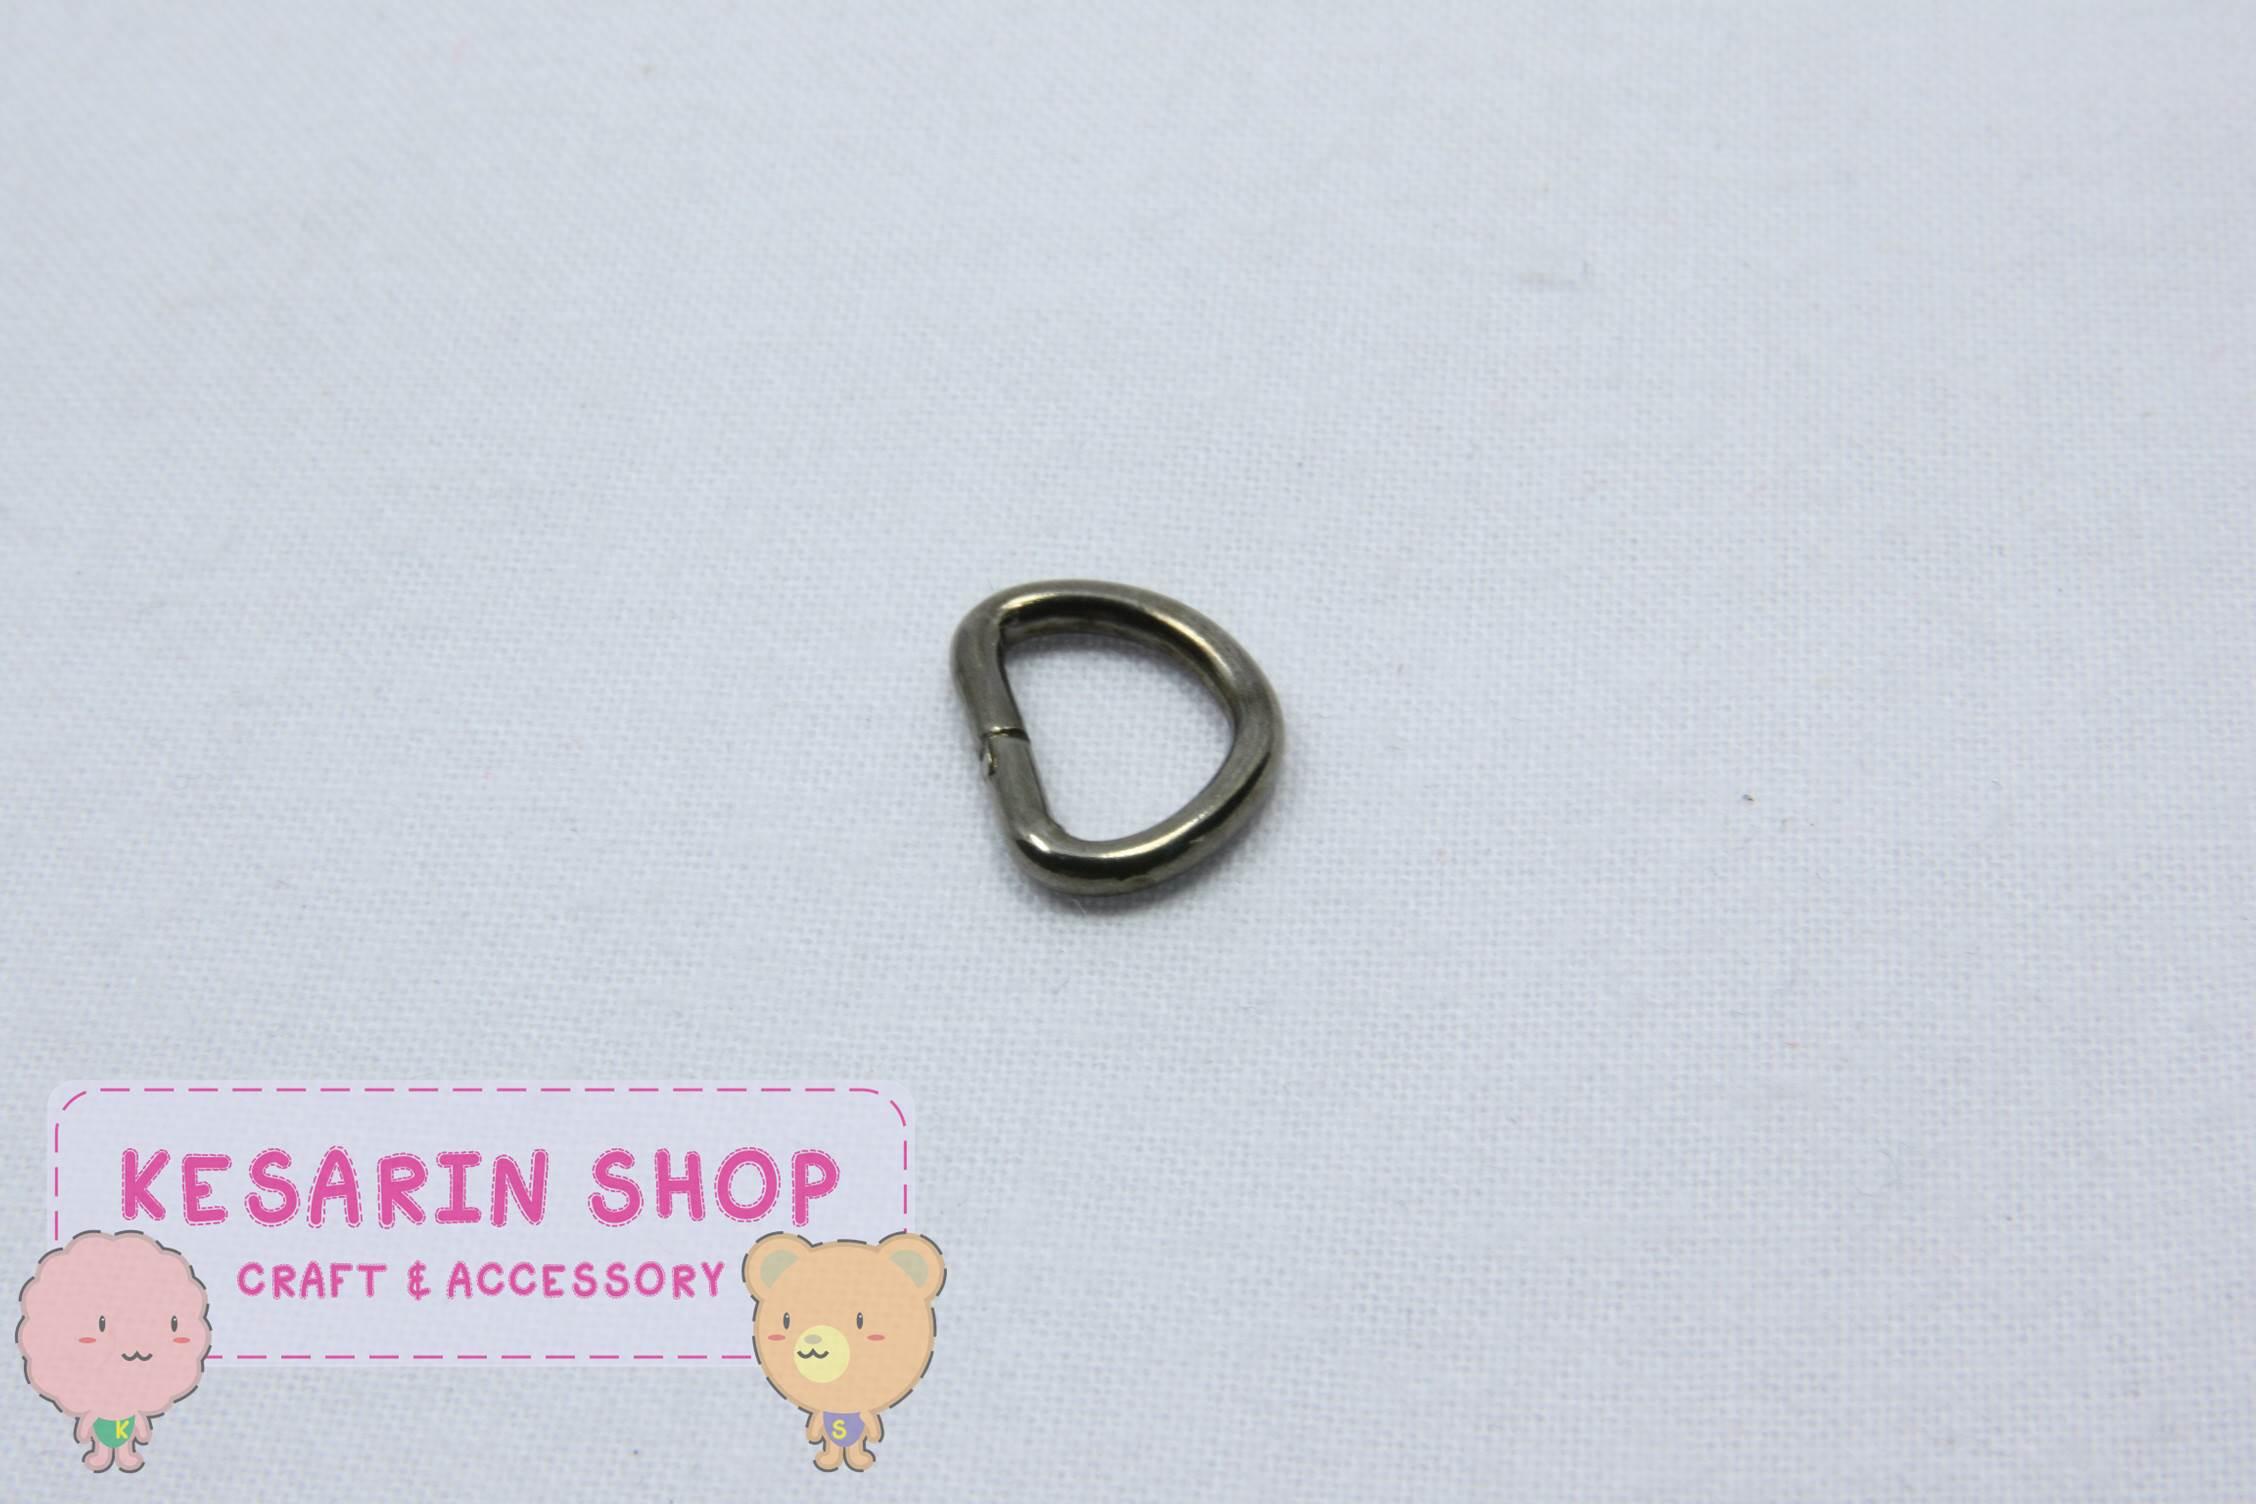 ห่วงเหล็กตัวD สีทองรมดำ ขนาด 1.5 cm